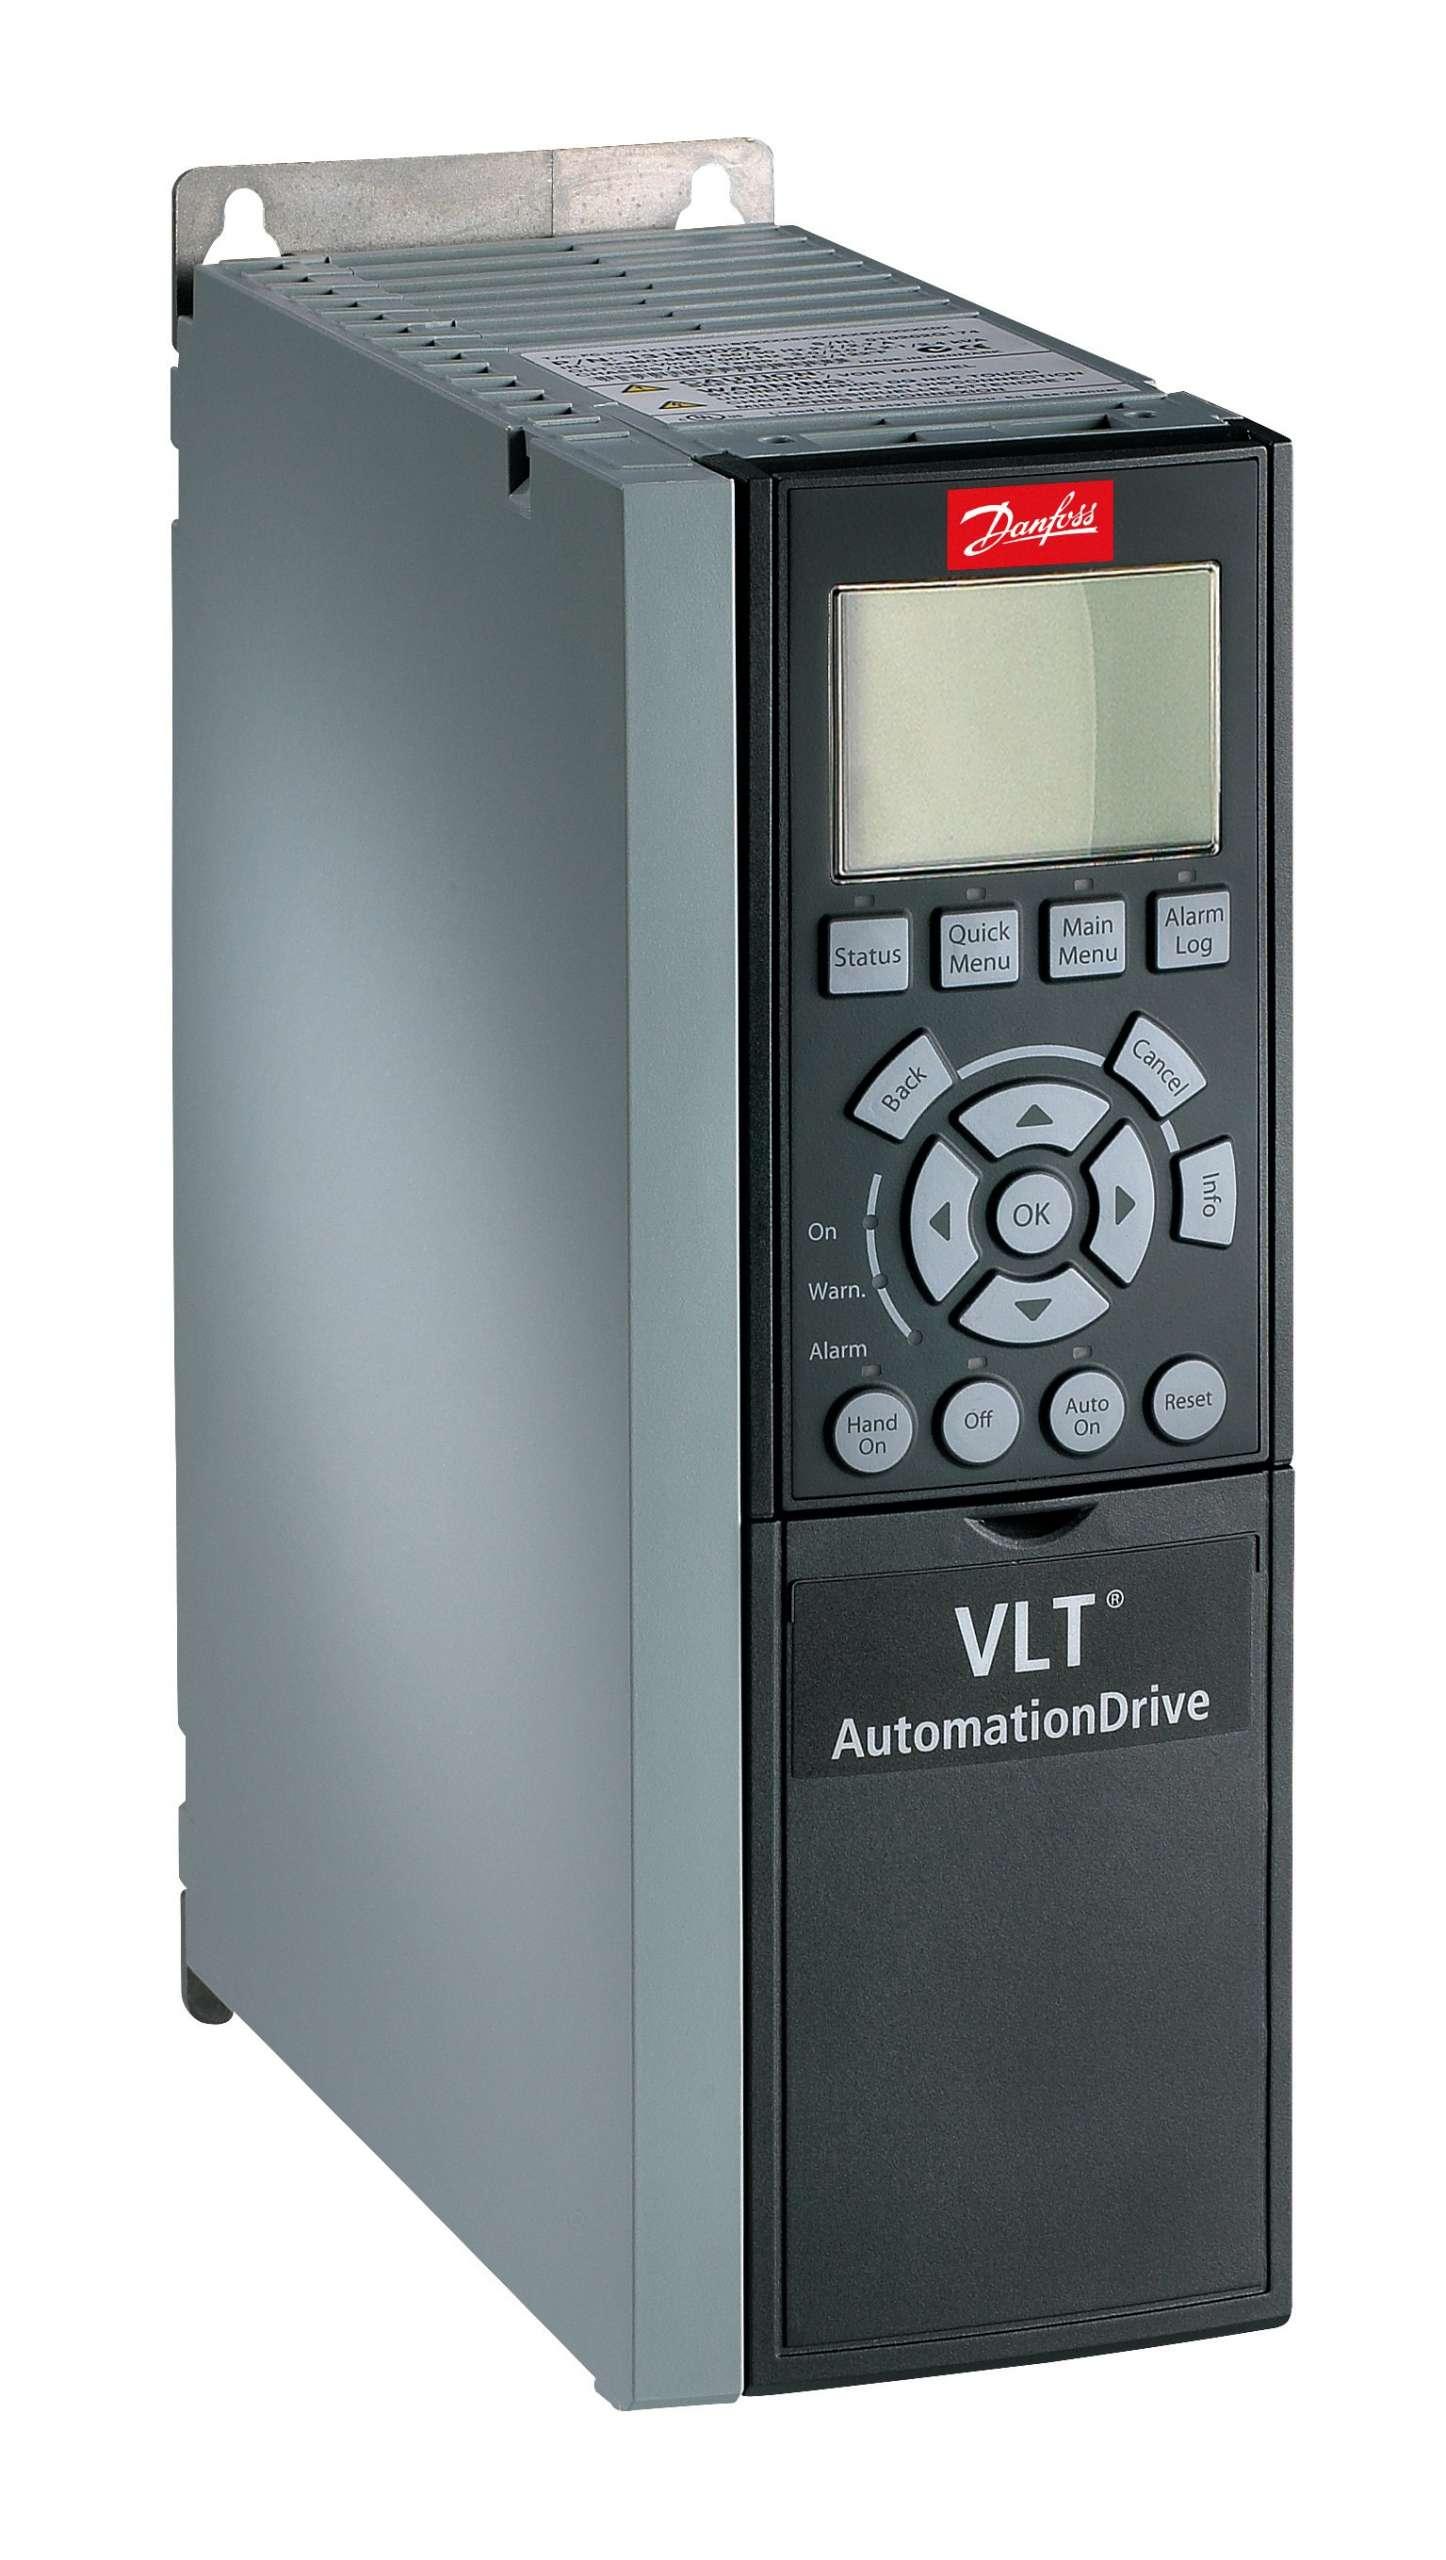 DANFOSS 131B0033 VLT AUTOMATION DRIVE Frequenzumrichter SERVO DRIVE